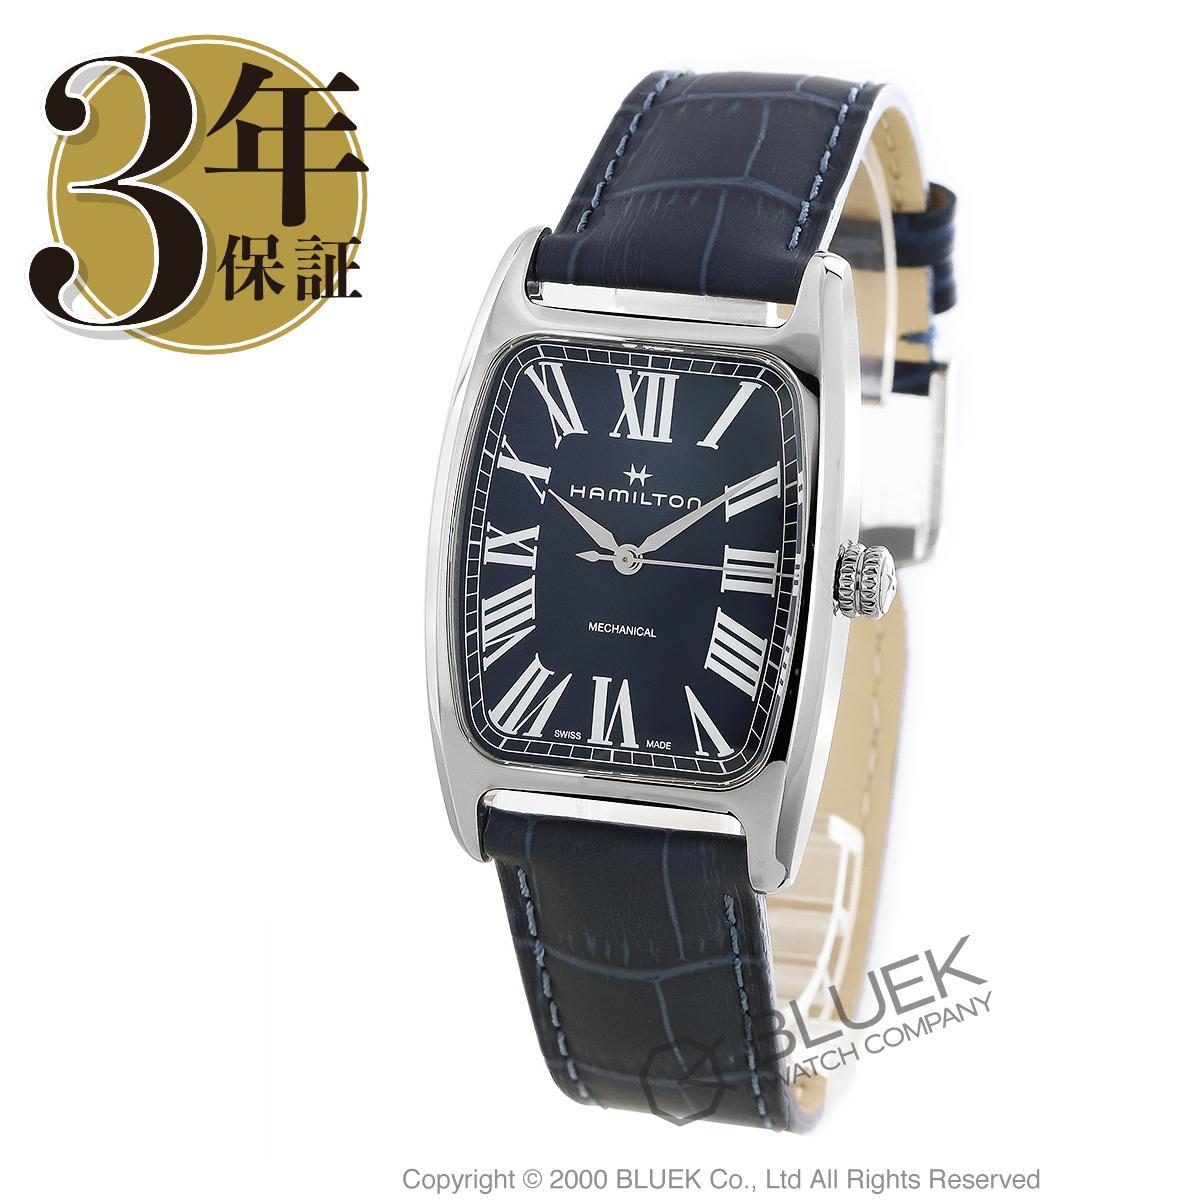 ハミルトン アメリカンクラシック ボルトン メカ 腕時計 メンズ HAMILTON H13519641_3